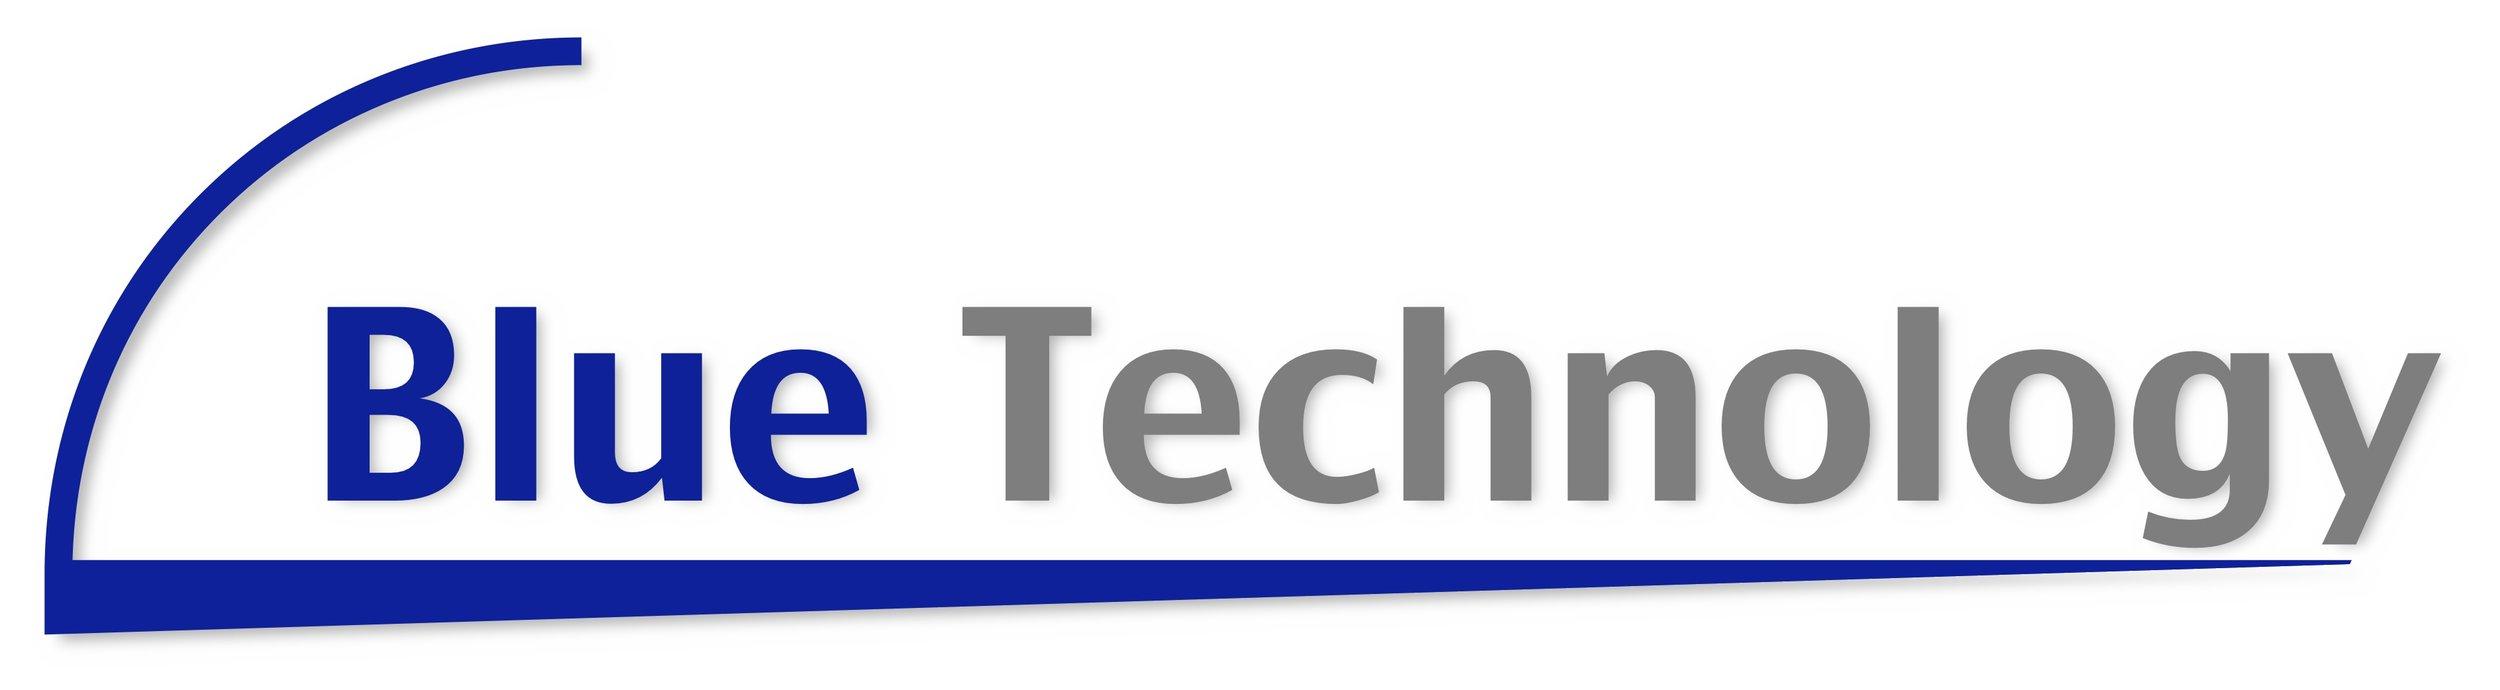 Bluetechnology logo kopi.jpg